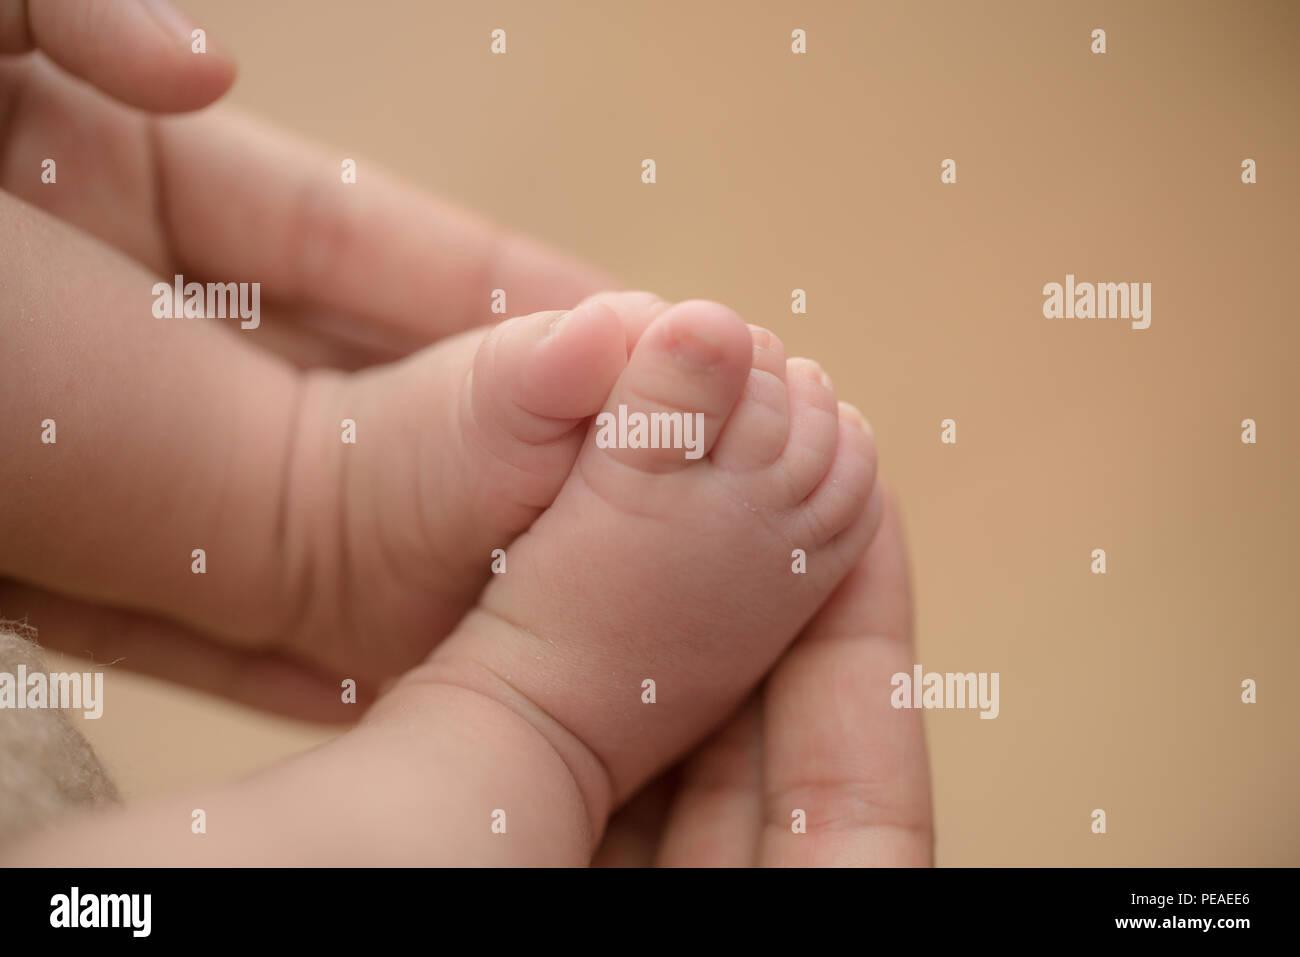 Formicolio a mani e piedi, ecco perché succede: nei casi più gravi (e rari) si rischia la morte